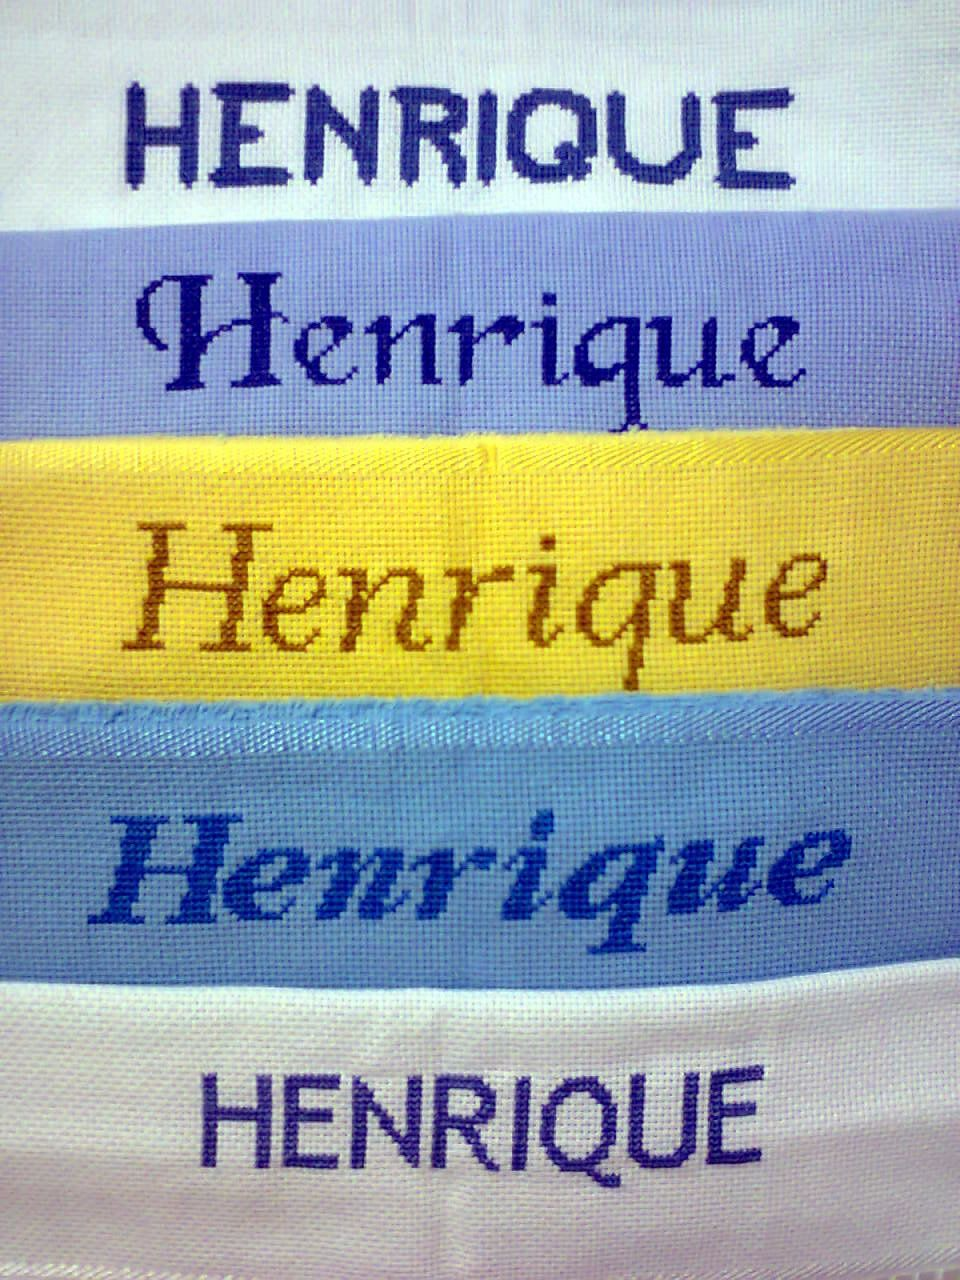 Sr. Henrique!